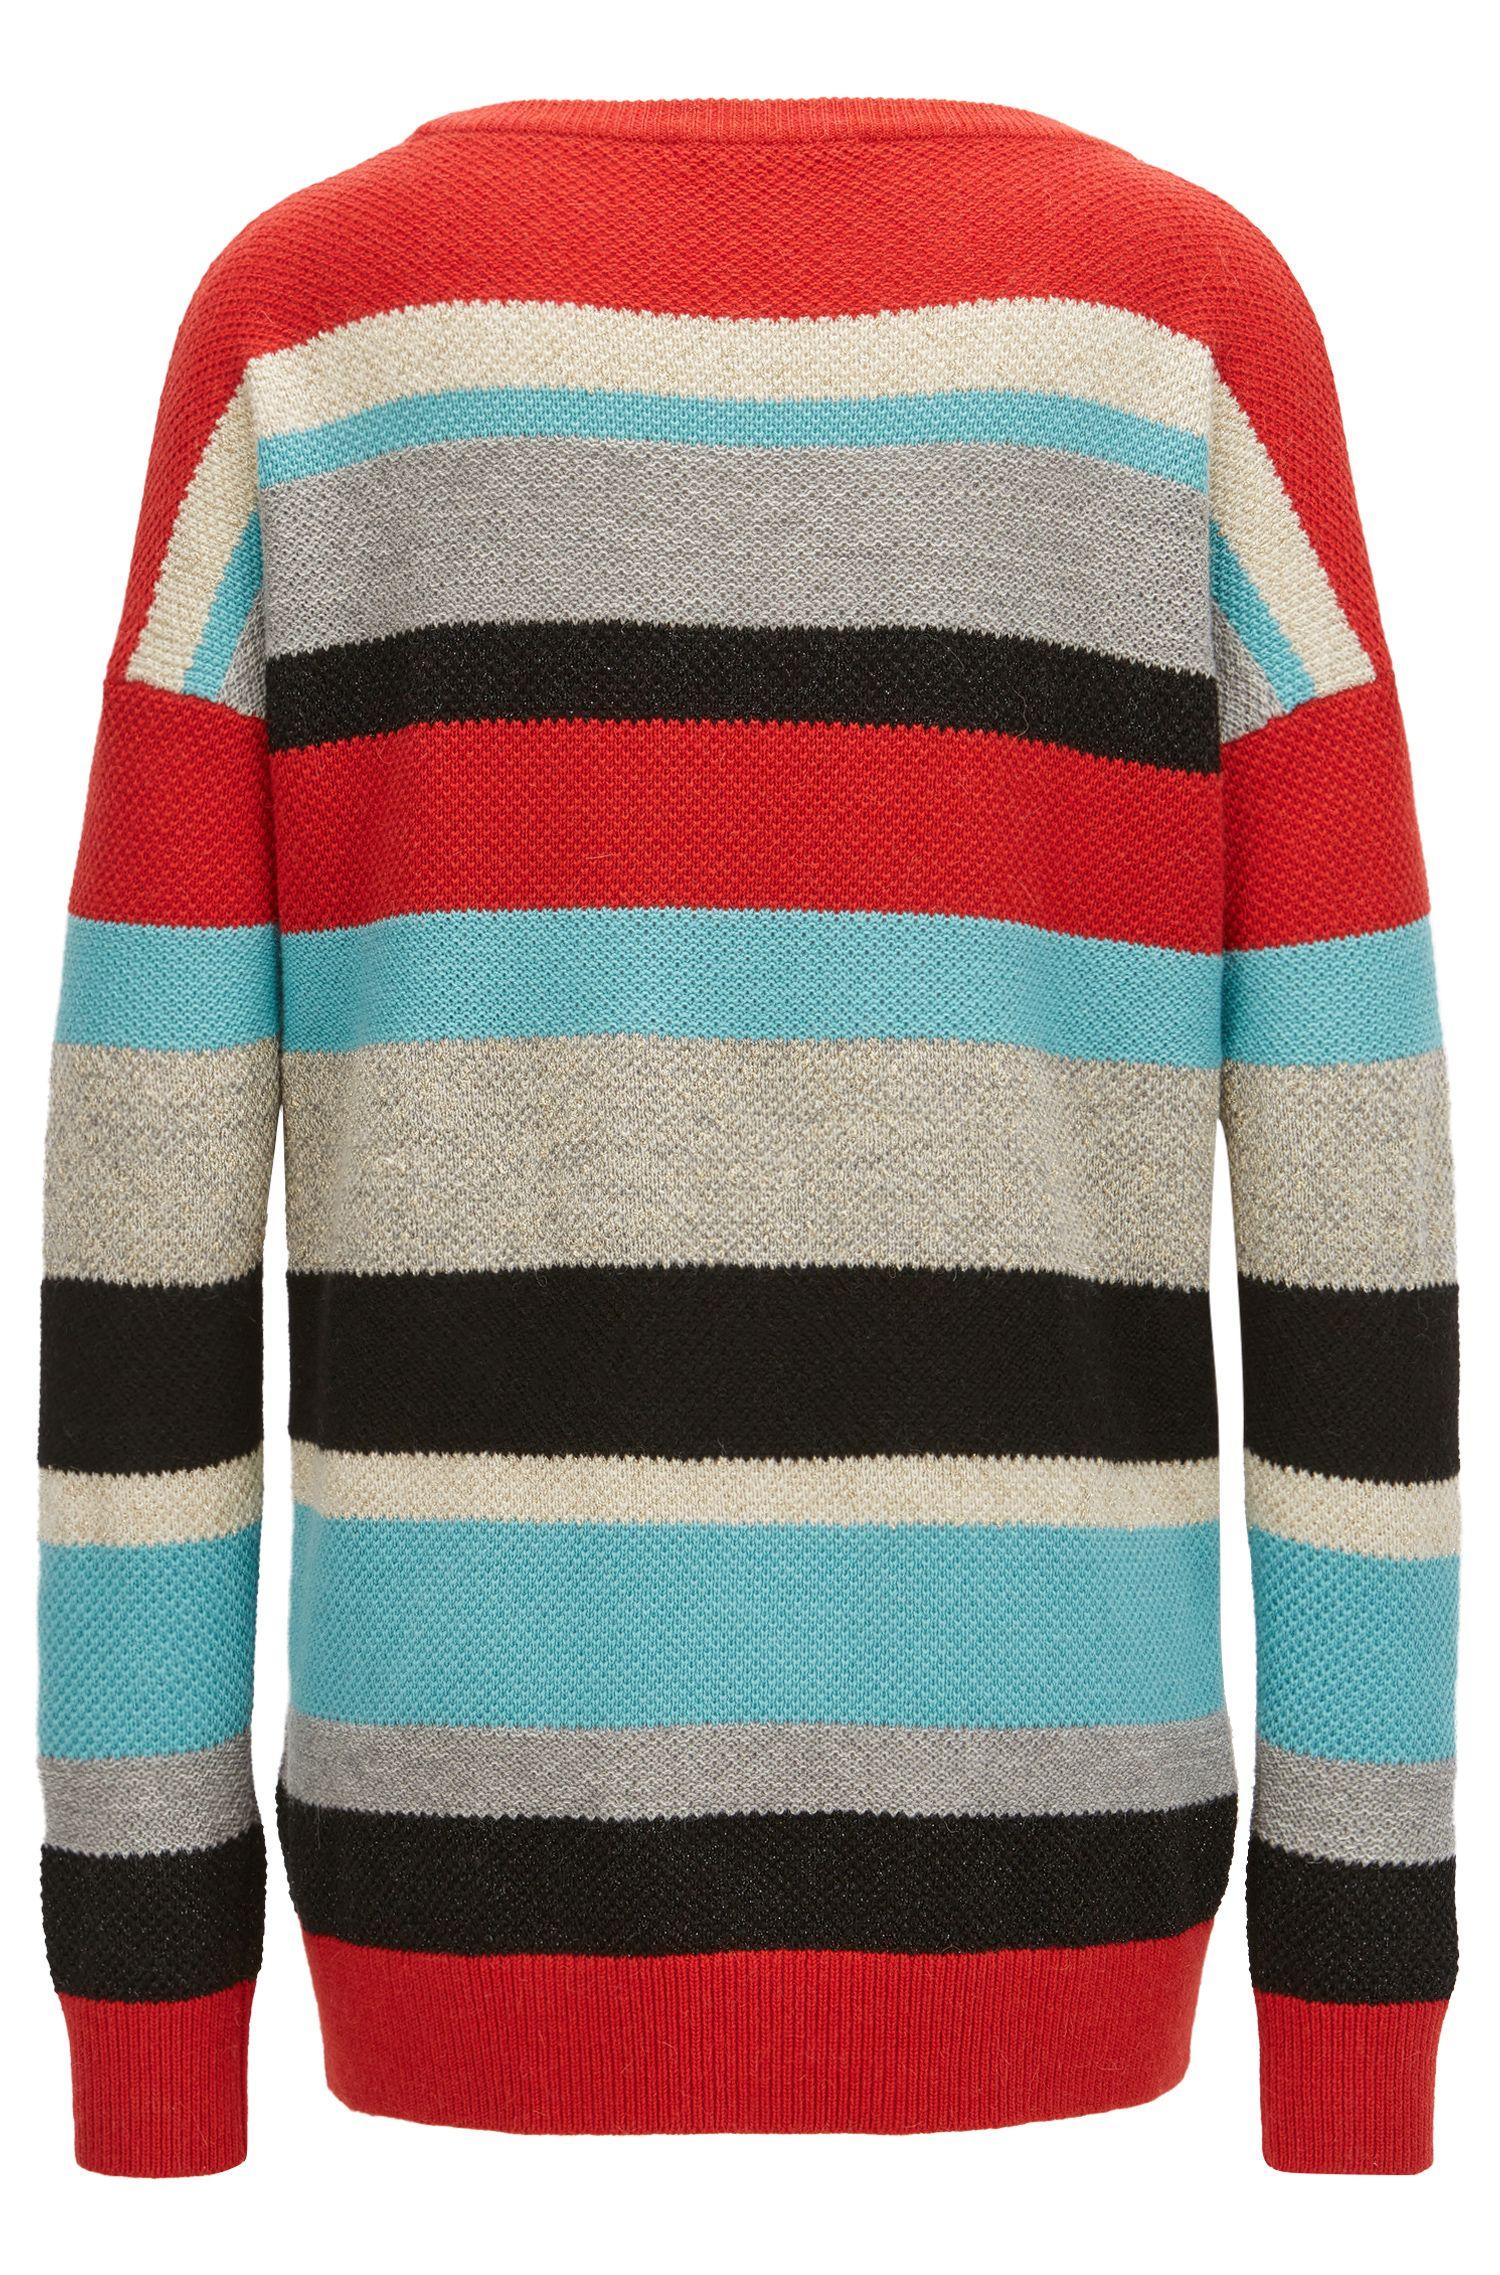 Meerkleurig gestreepte trui in een gestructureerd breisel